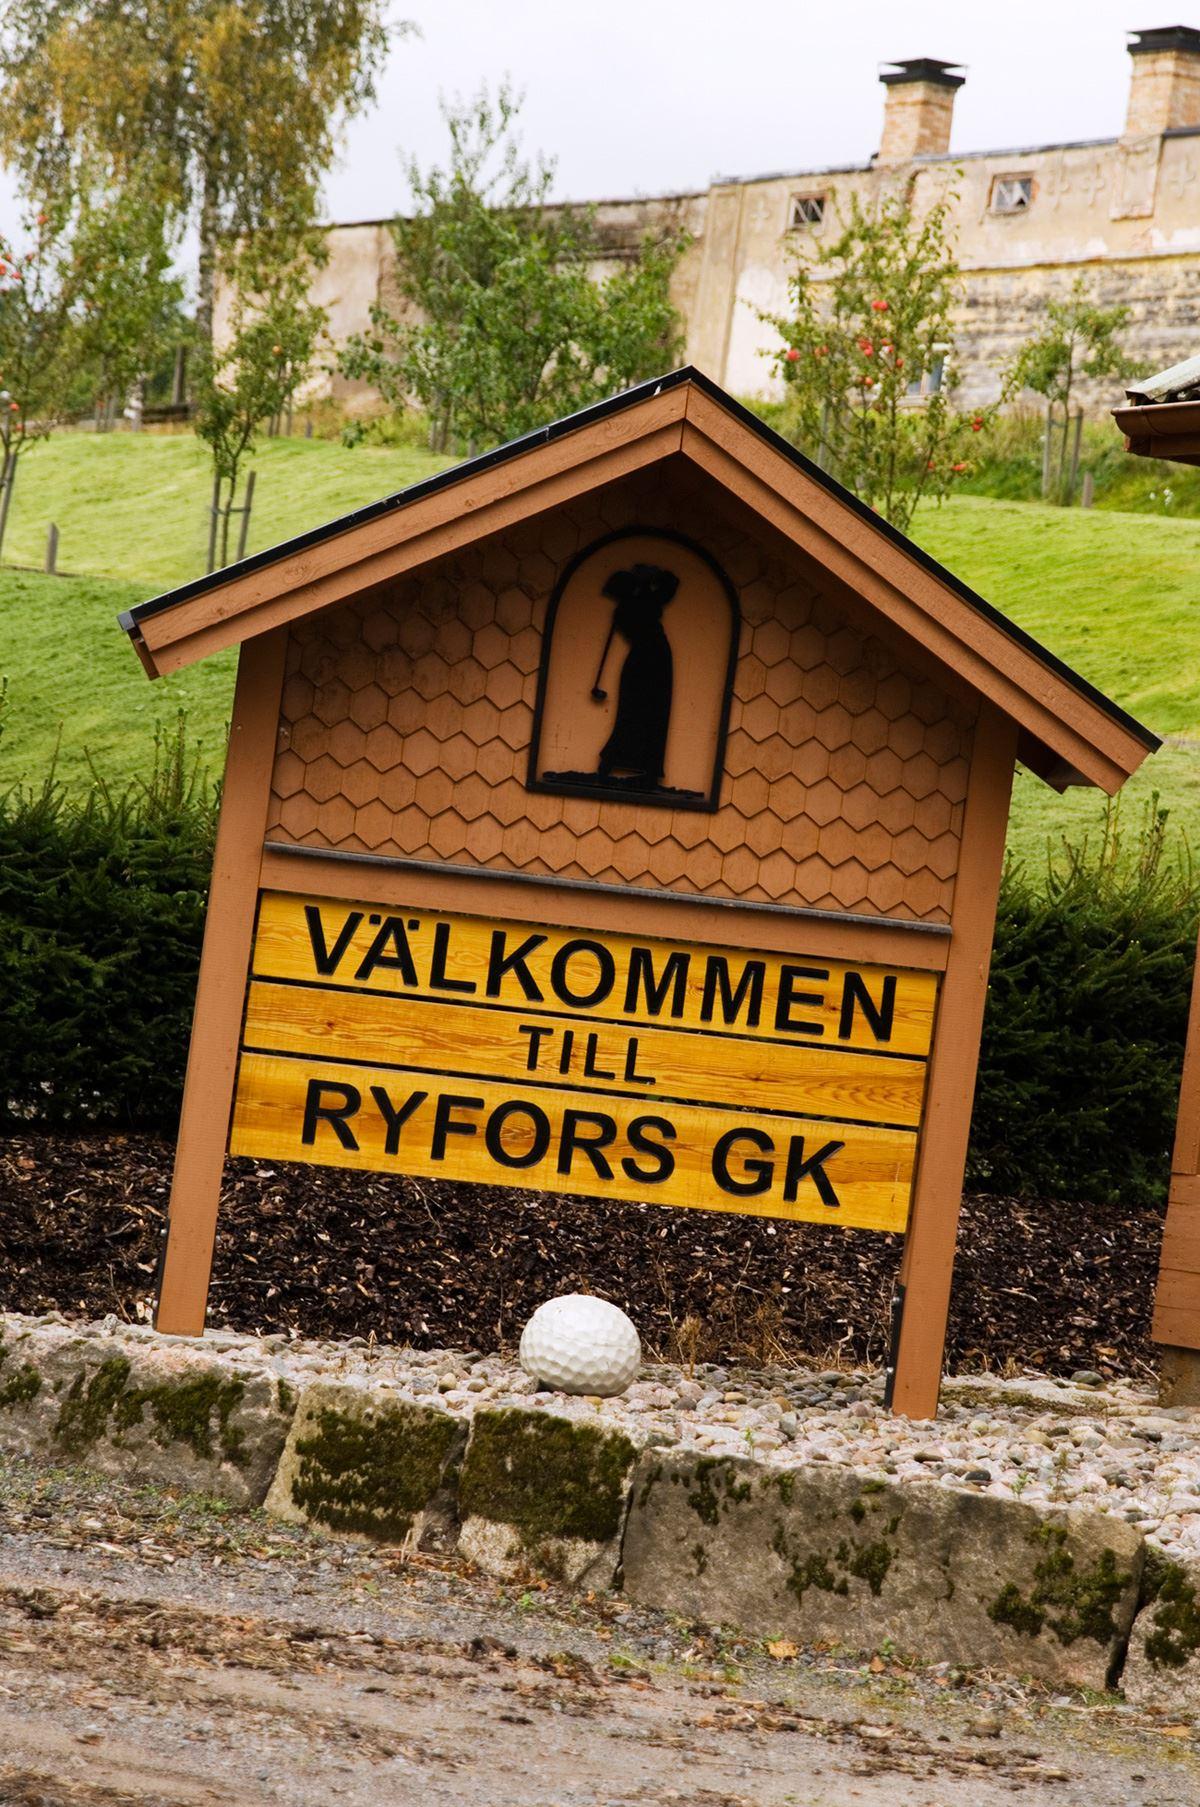 Ryfors GK